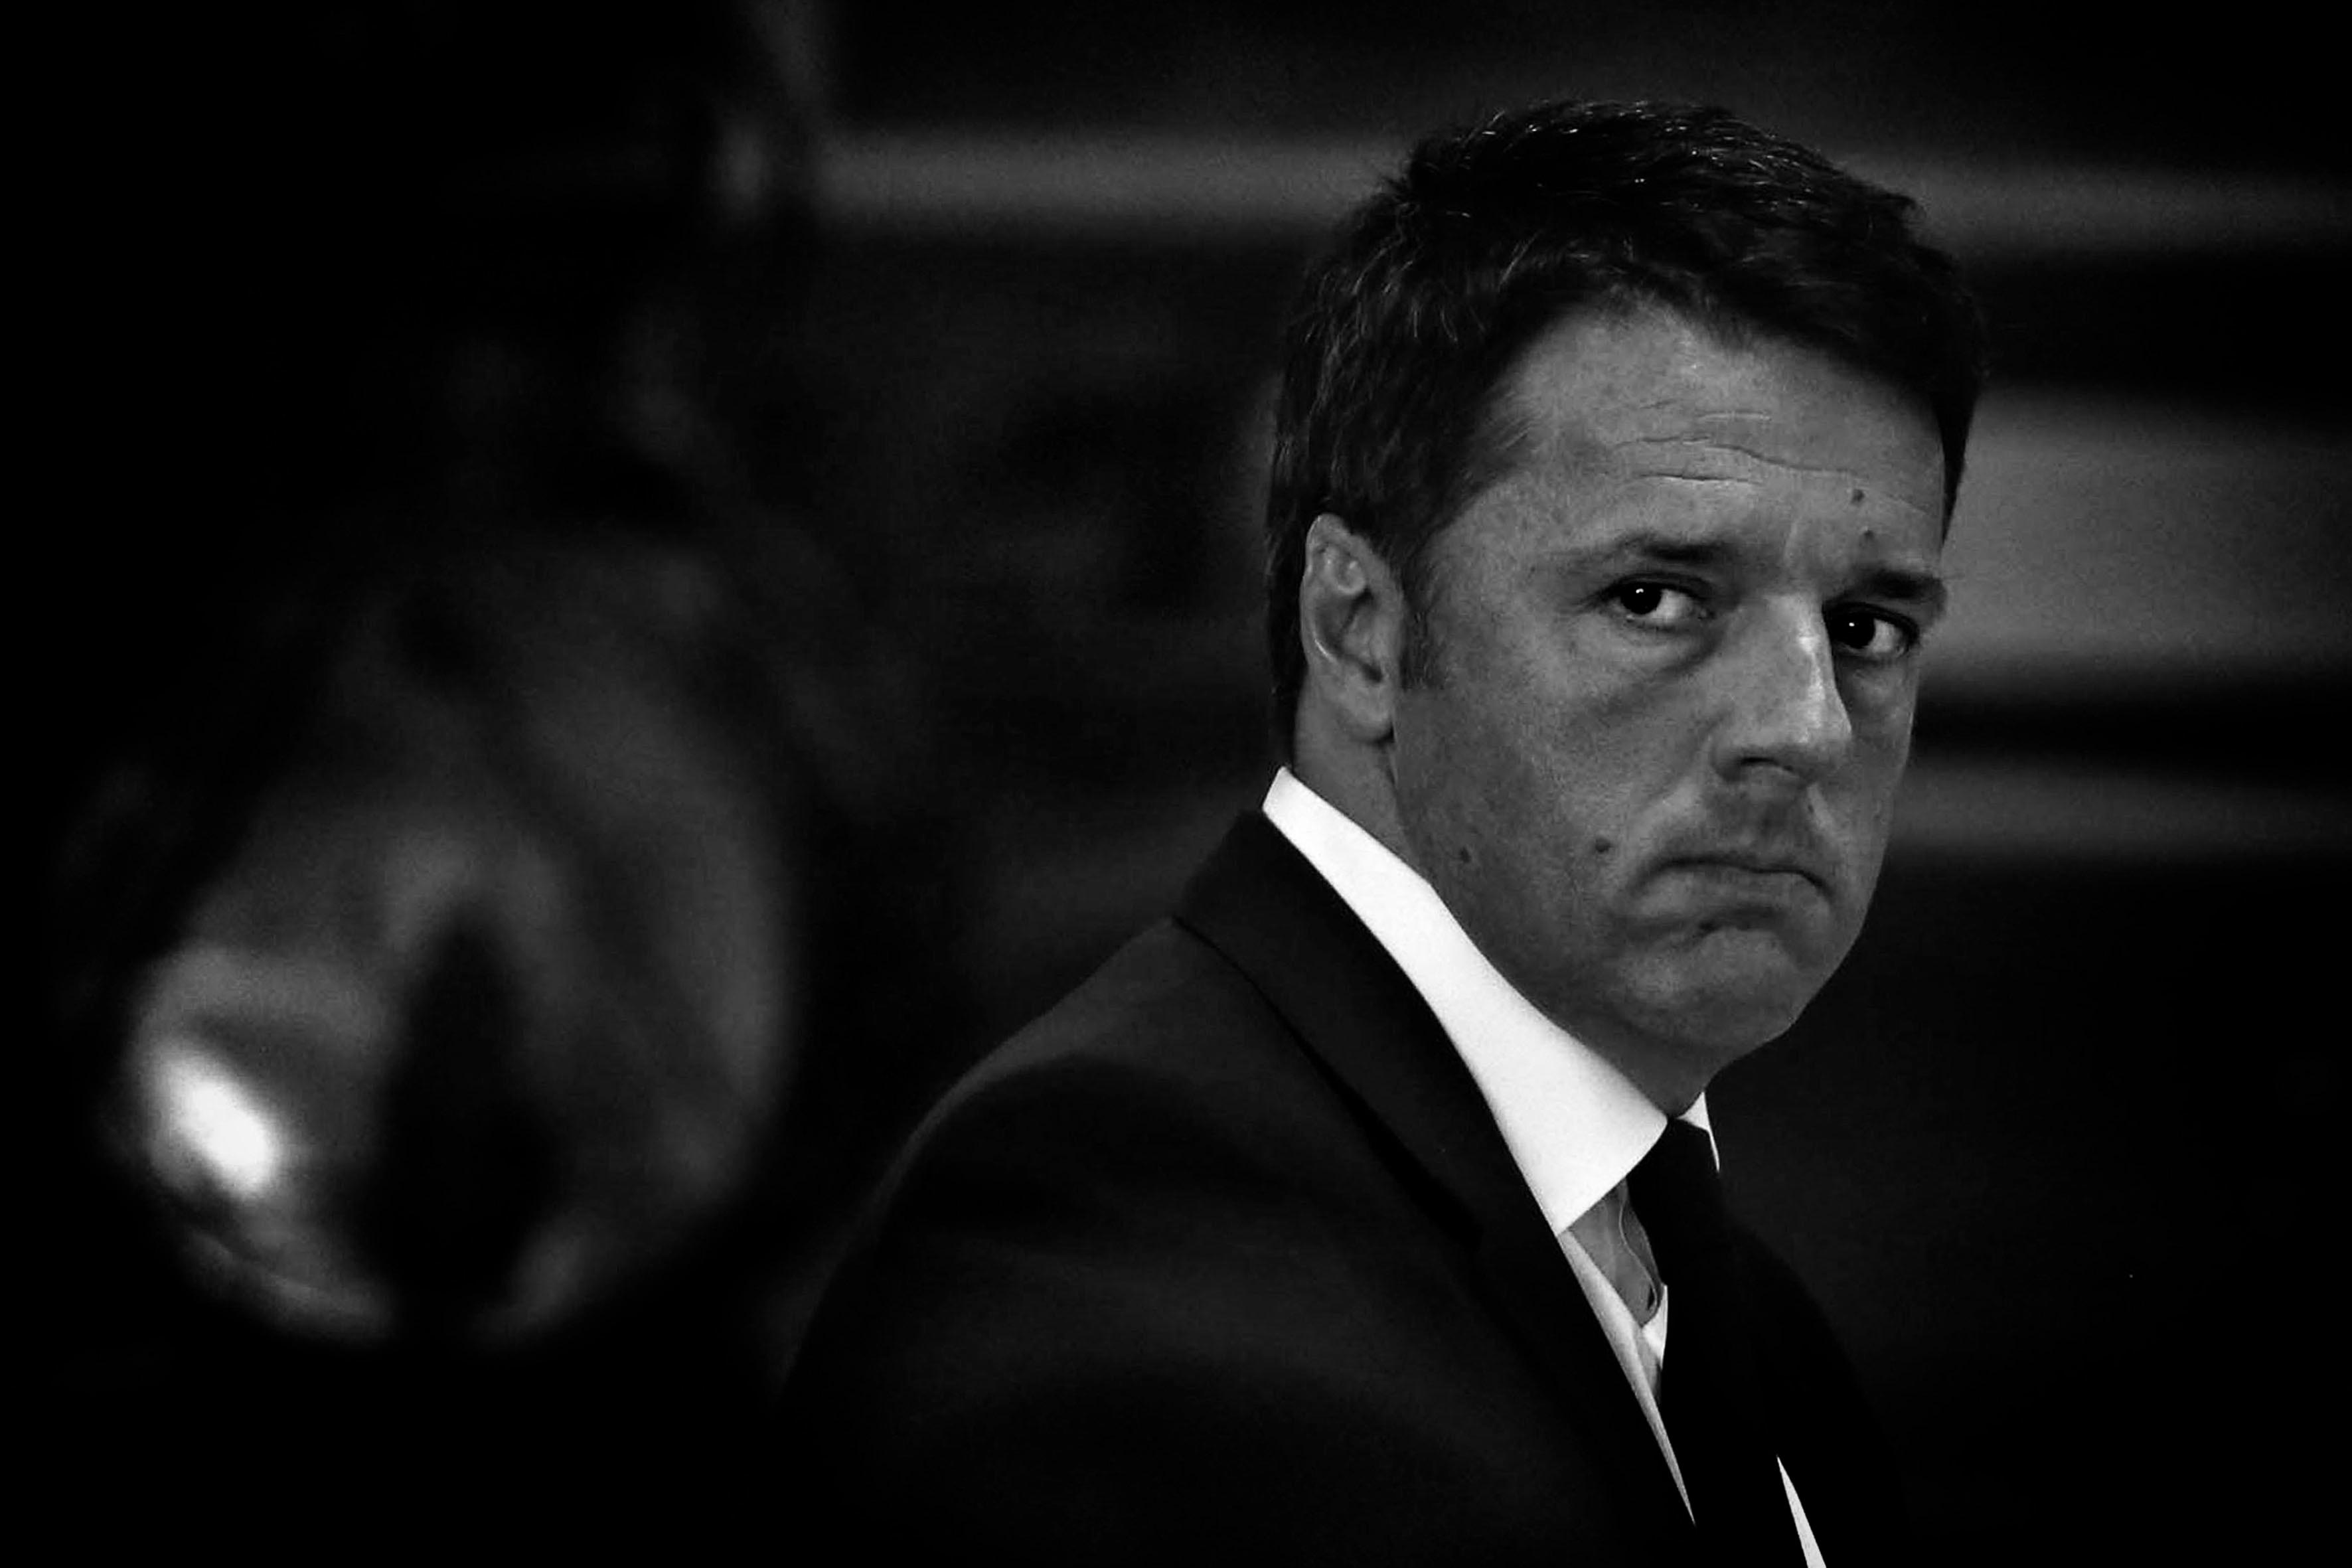 Il Partito Democratico ha fallito, Matteo Renzi ne è l'ennesima dimostrazione